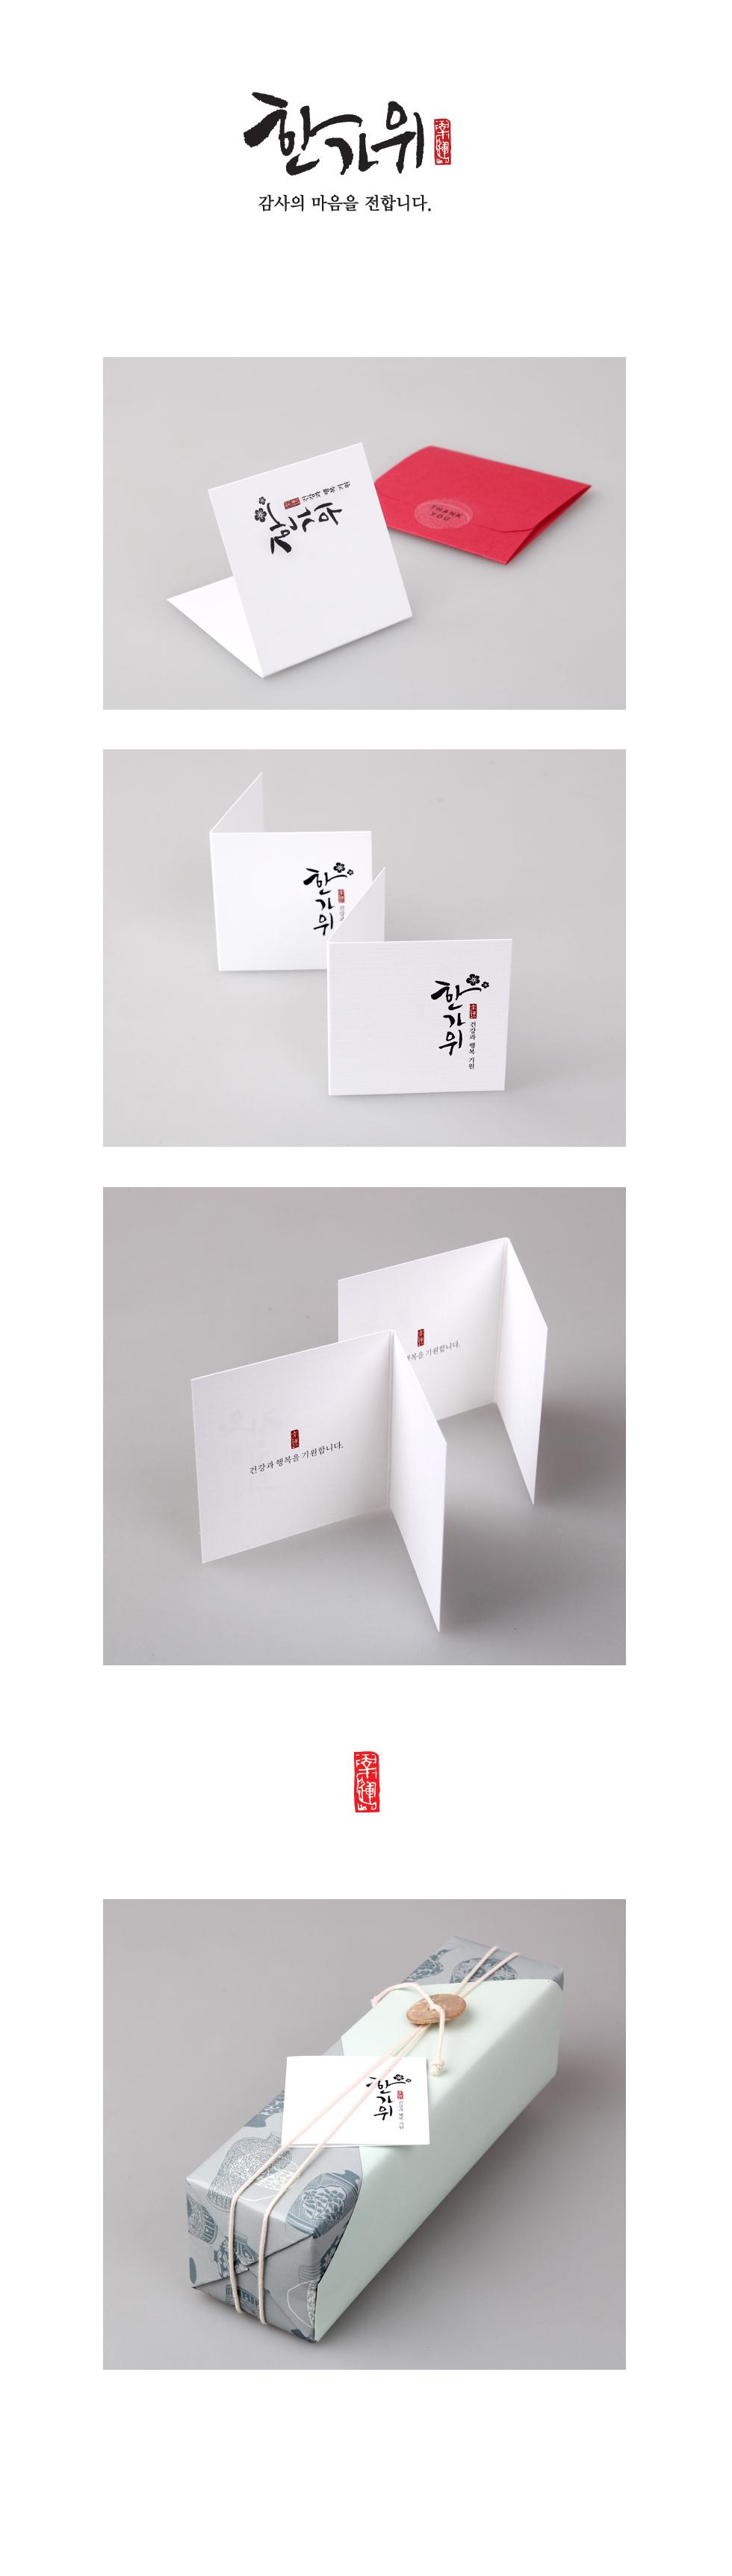 흰색 한가위 카드 - 인디고샵, 800원, 카드, 시즌/테마 카드